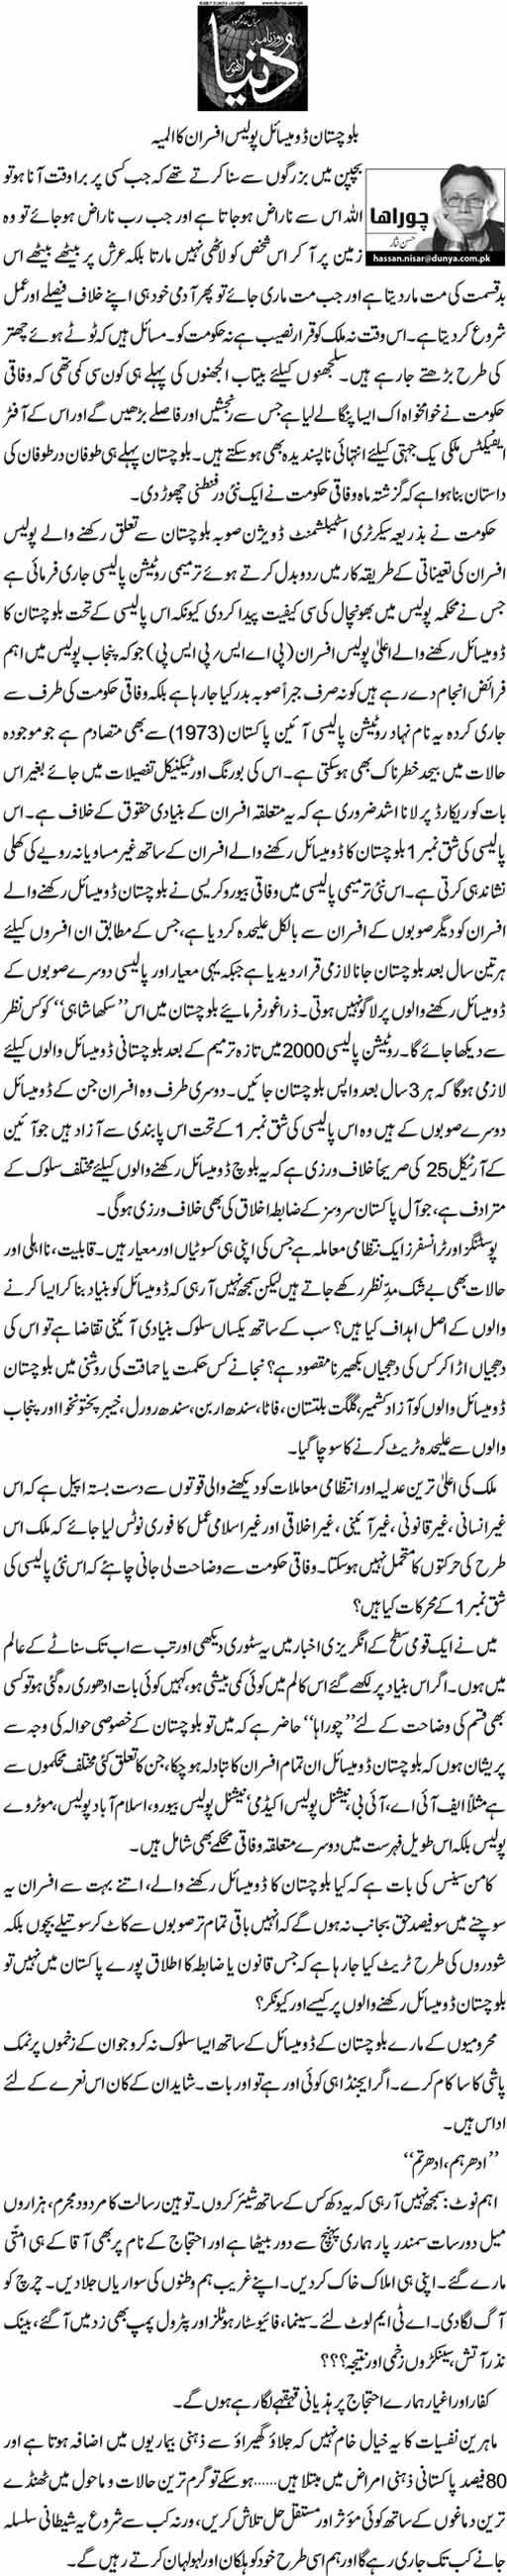 Balochistan domicile police afsaran ka almiyyah - Hassan Nisar